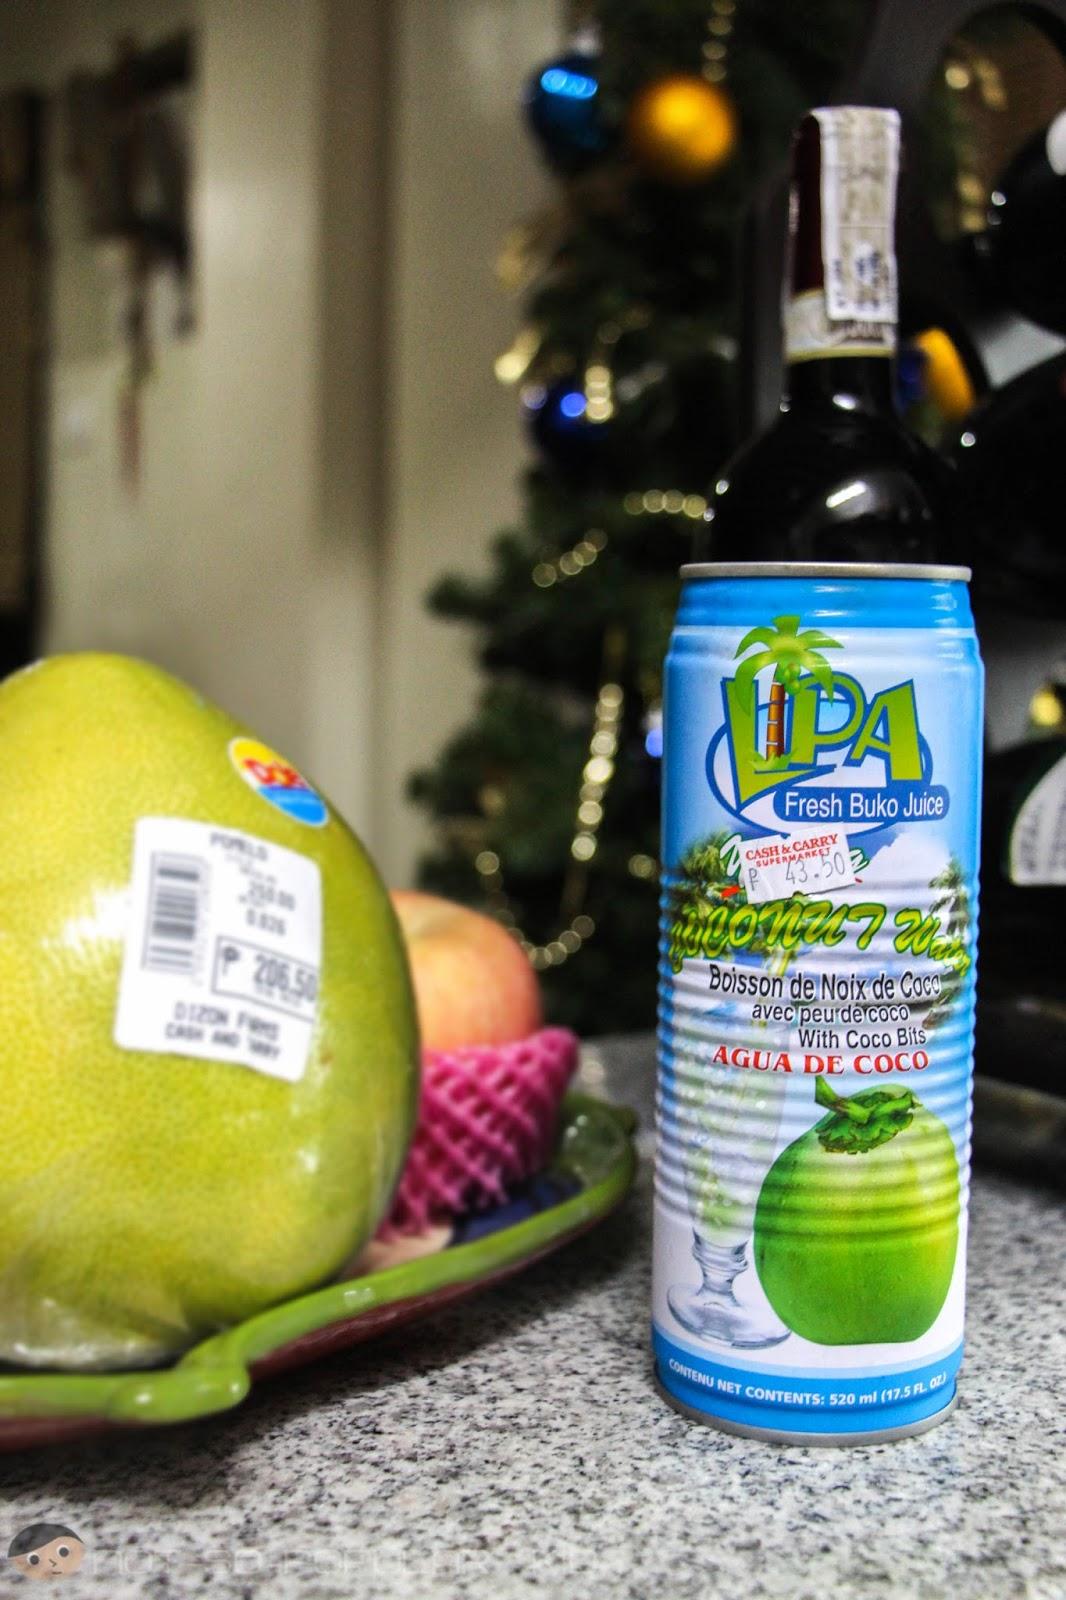 LIPA Fresh Buko Juice